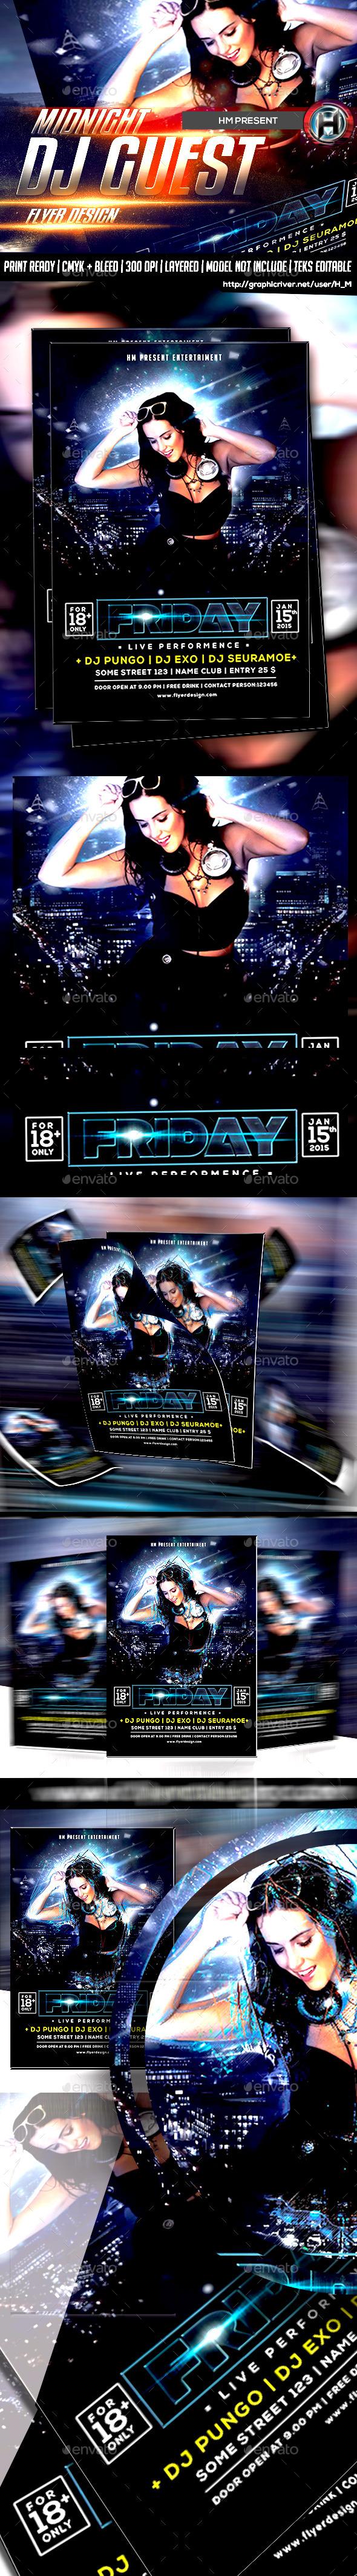 GraphicRiver Midnight Dj Guest Flyer Design 9847864